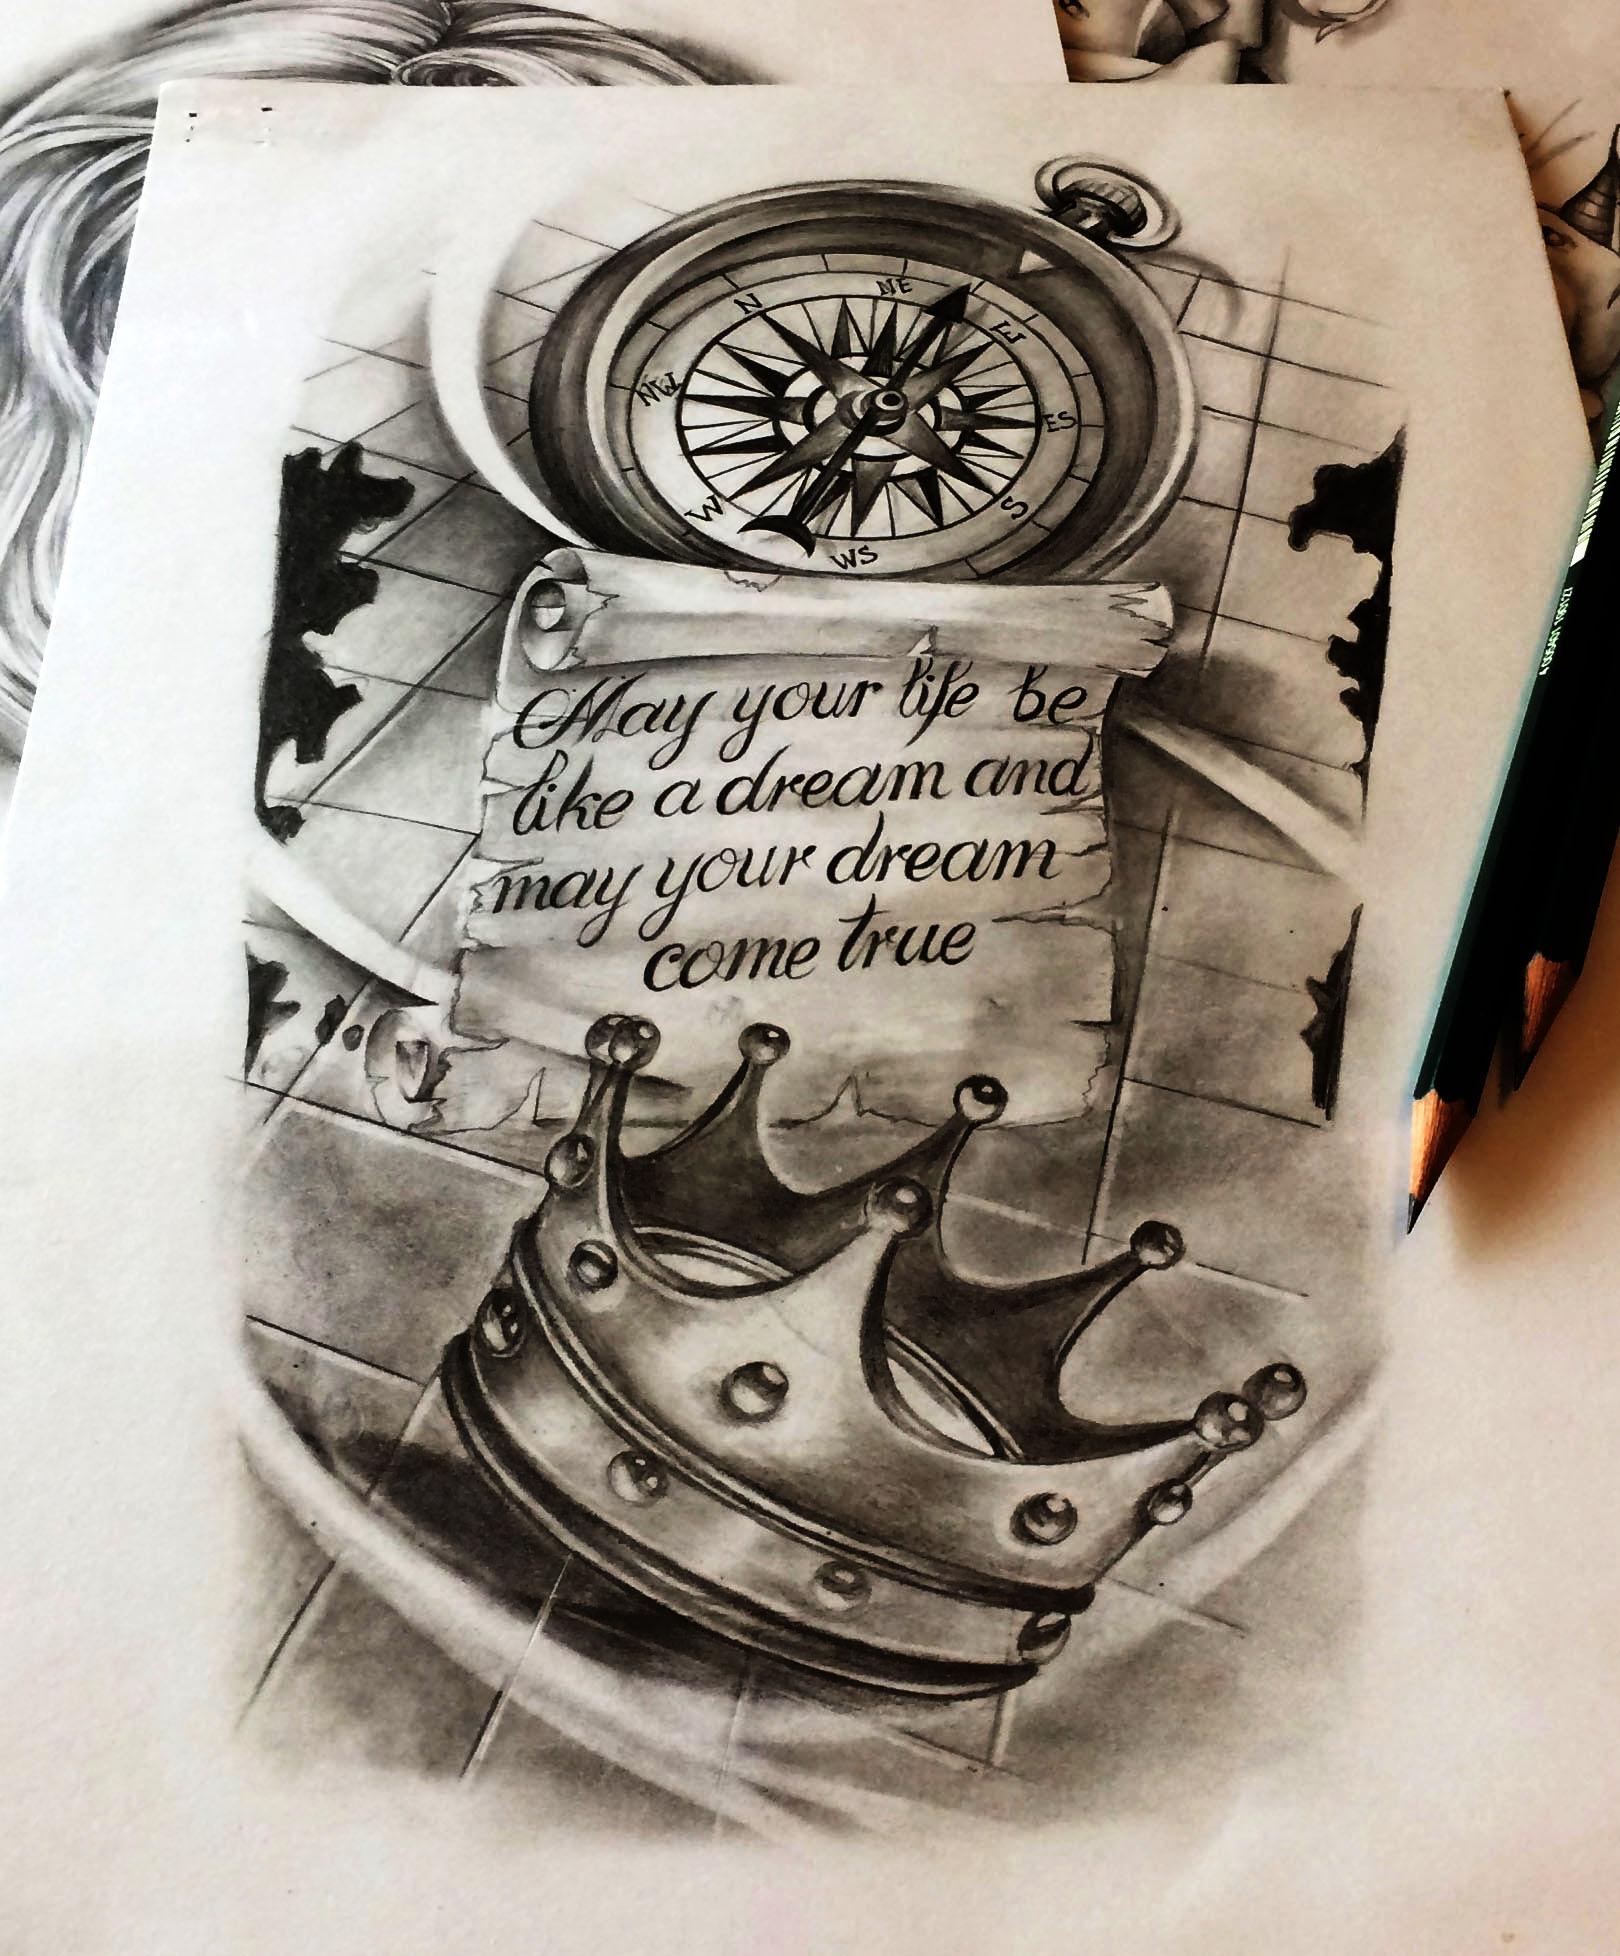 cedric maingriz tattoo design